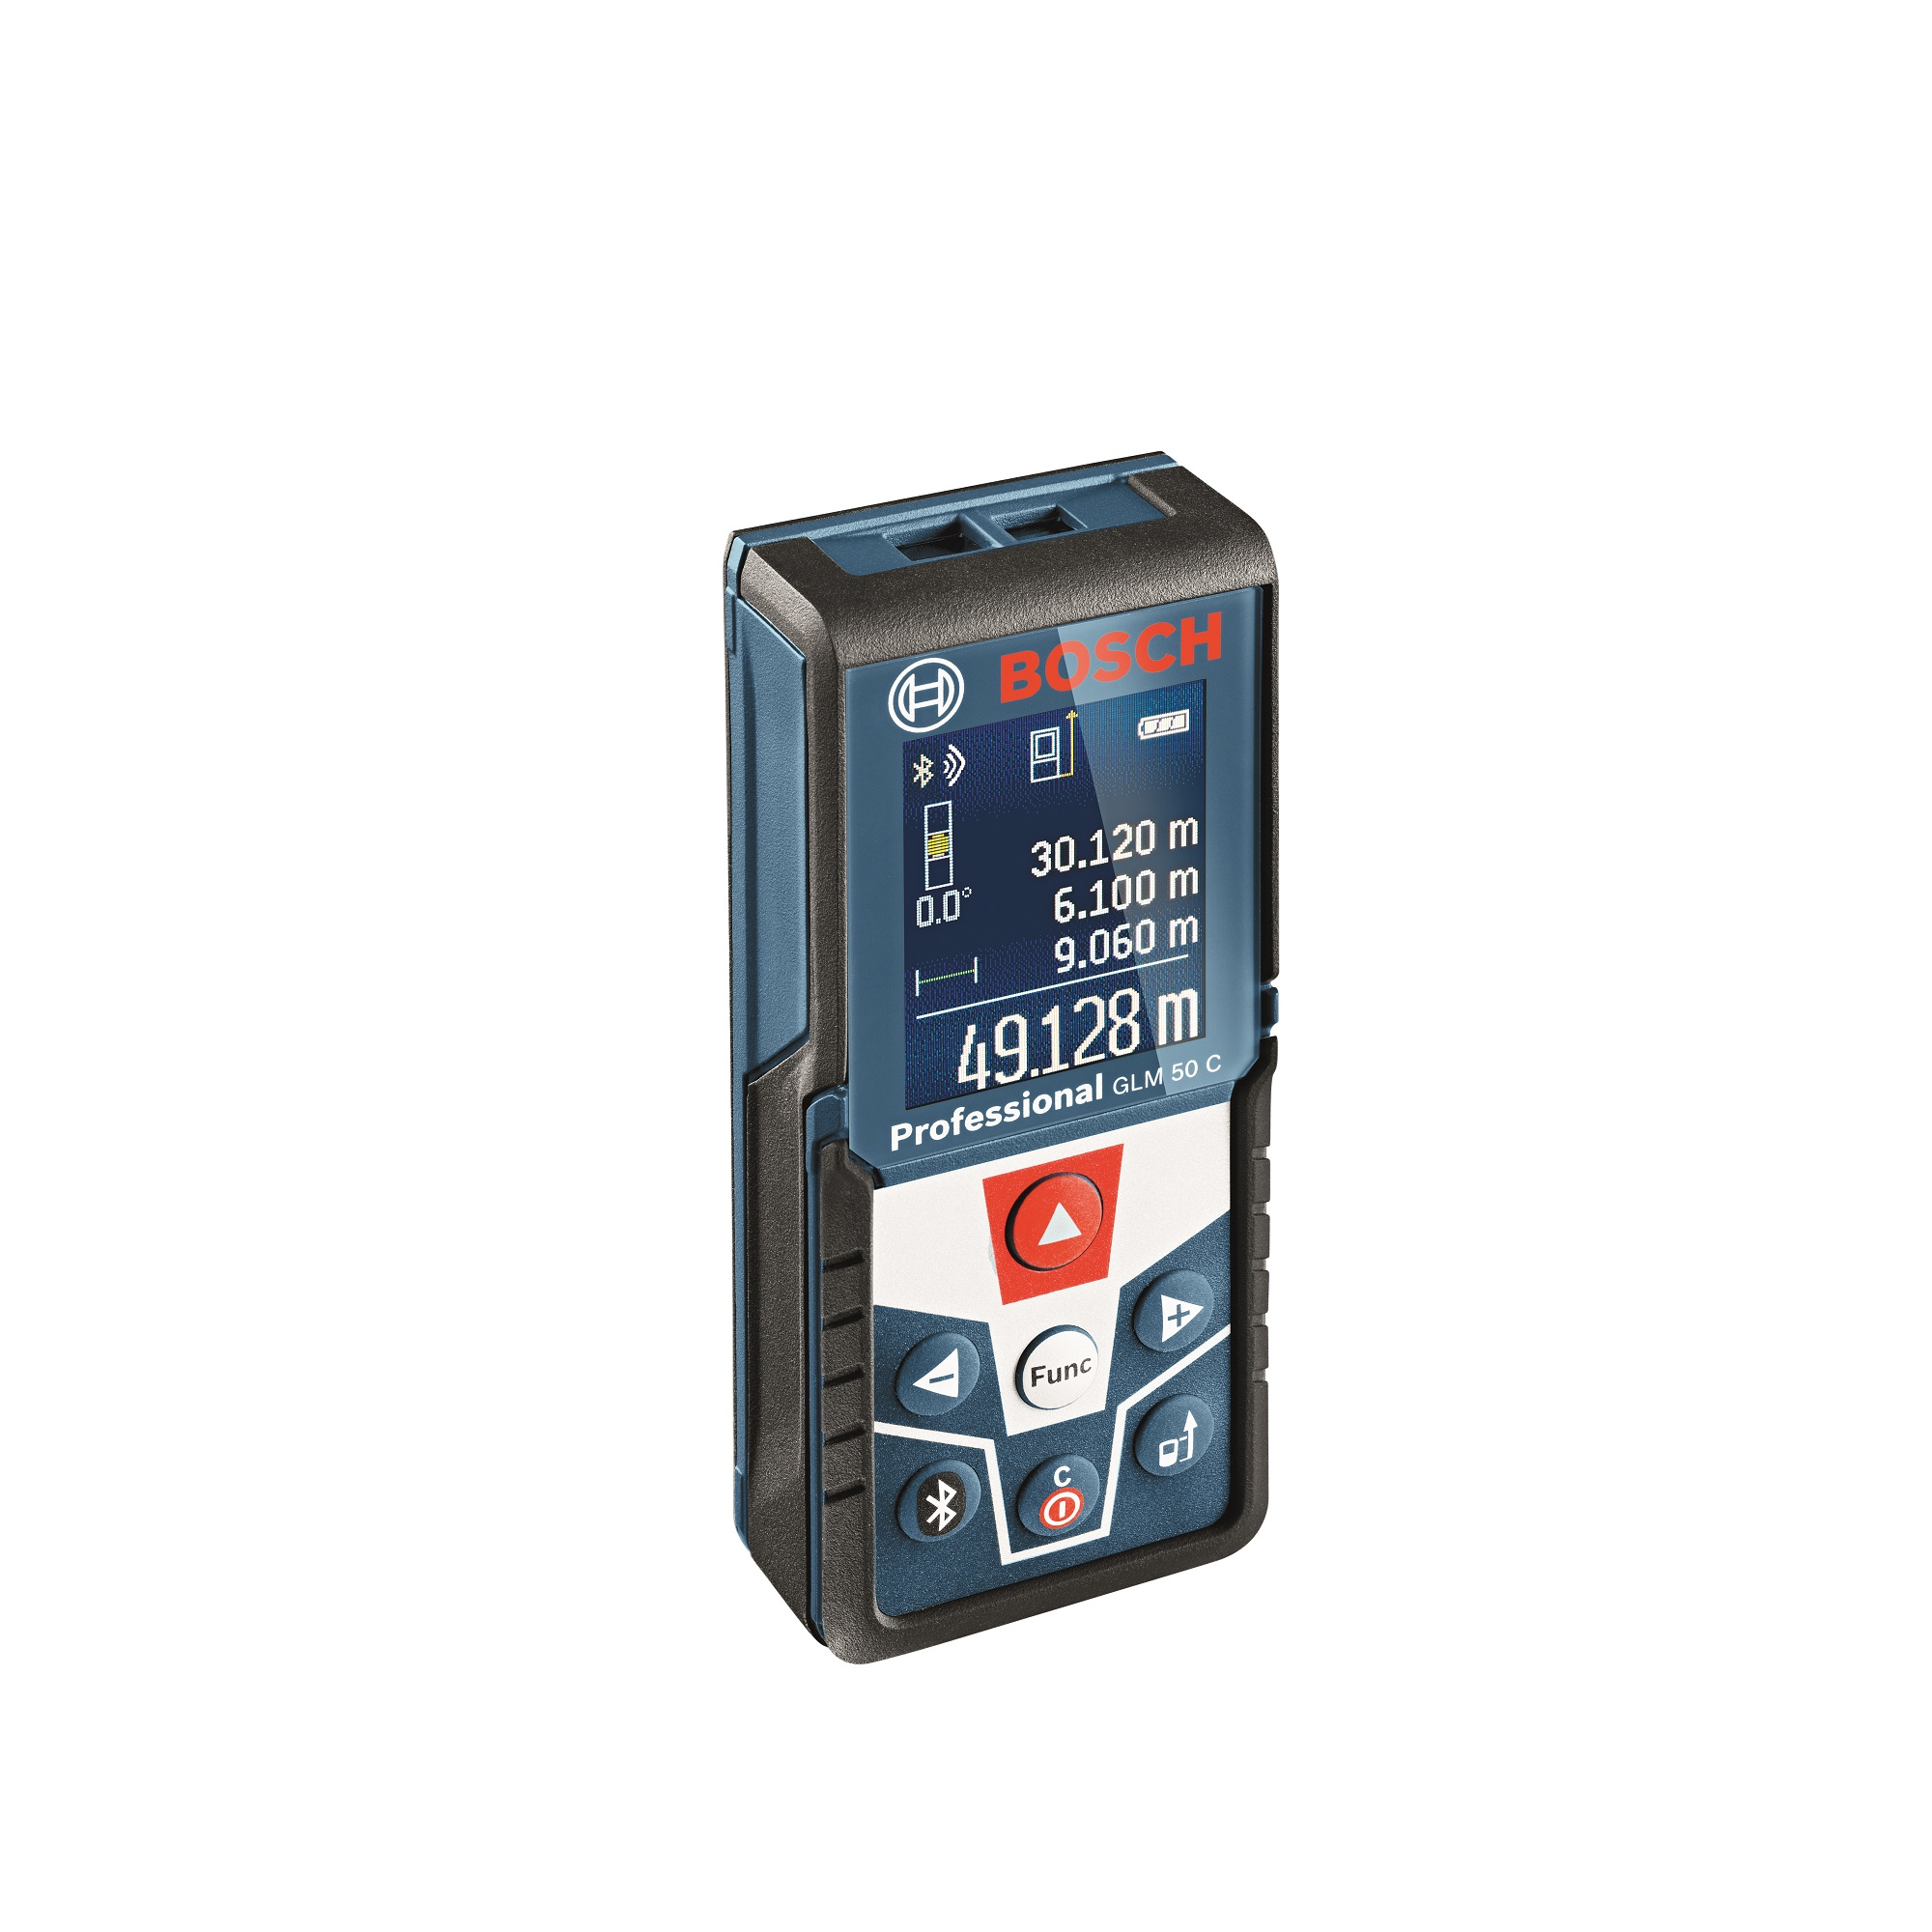 Telemetru Bosch GLM50 C Professional cu dioda laser 635nM, 0.05-50 m, deconectare dupa 5 min mathaus 2021